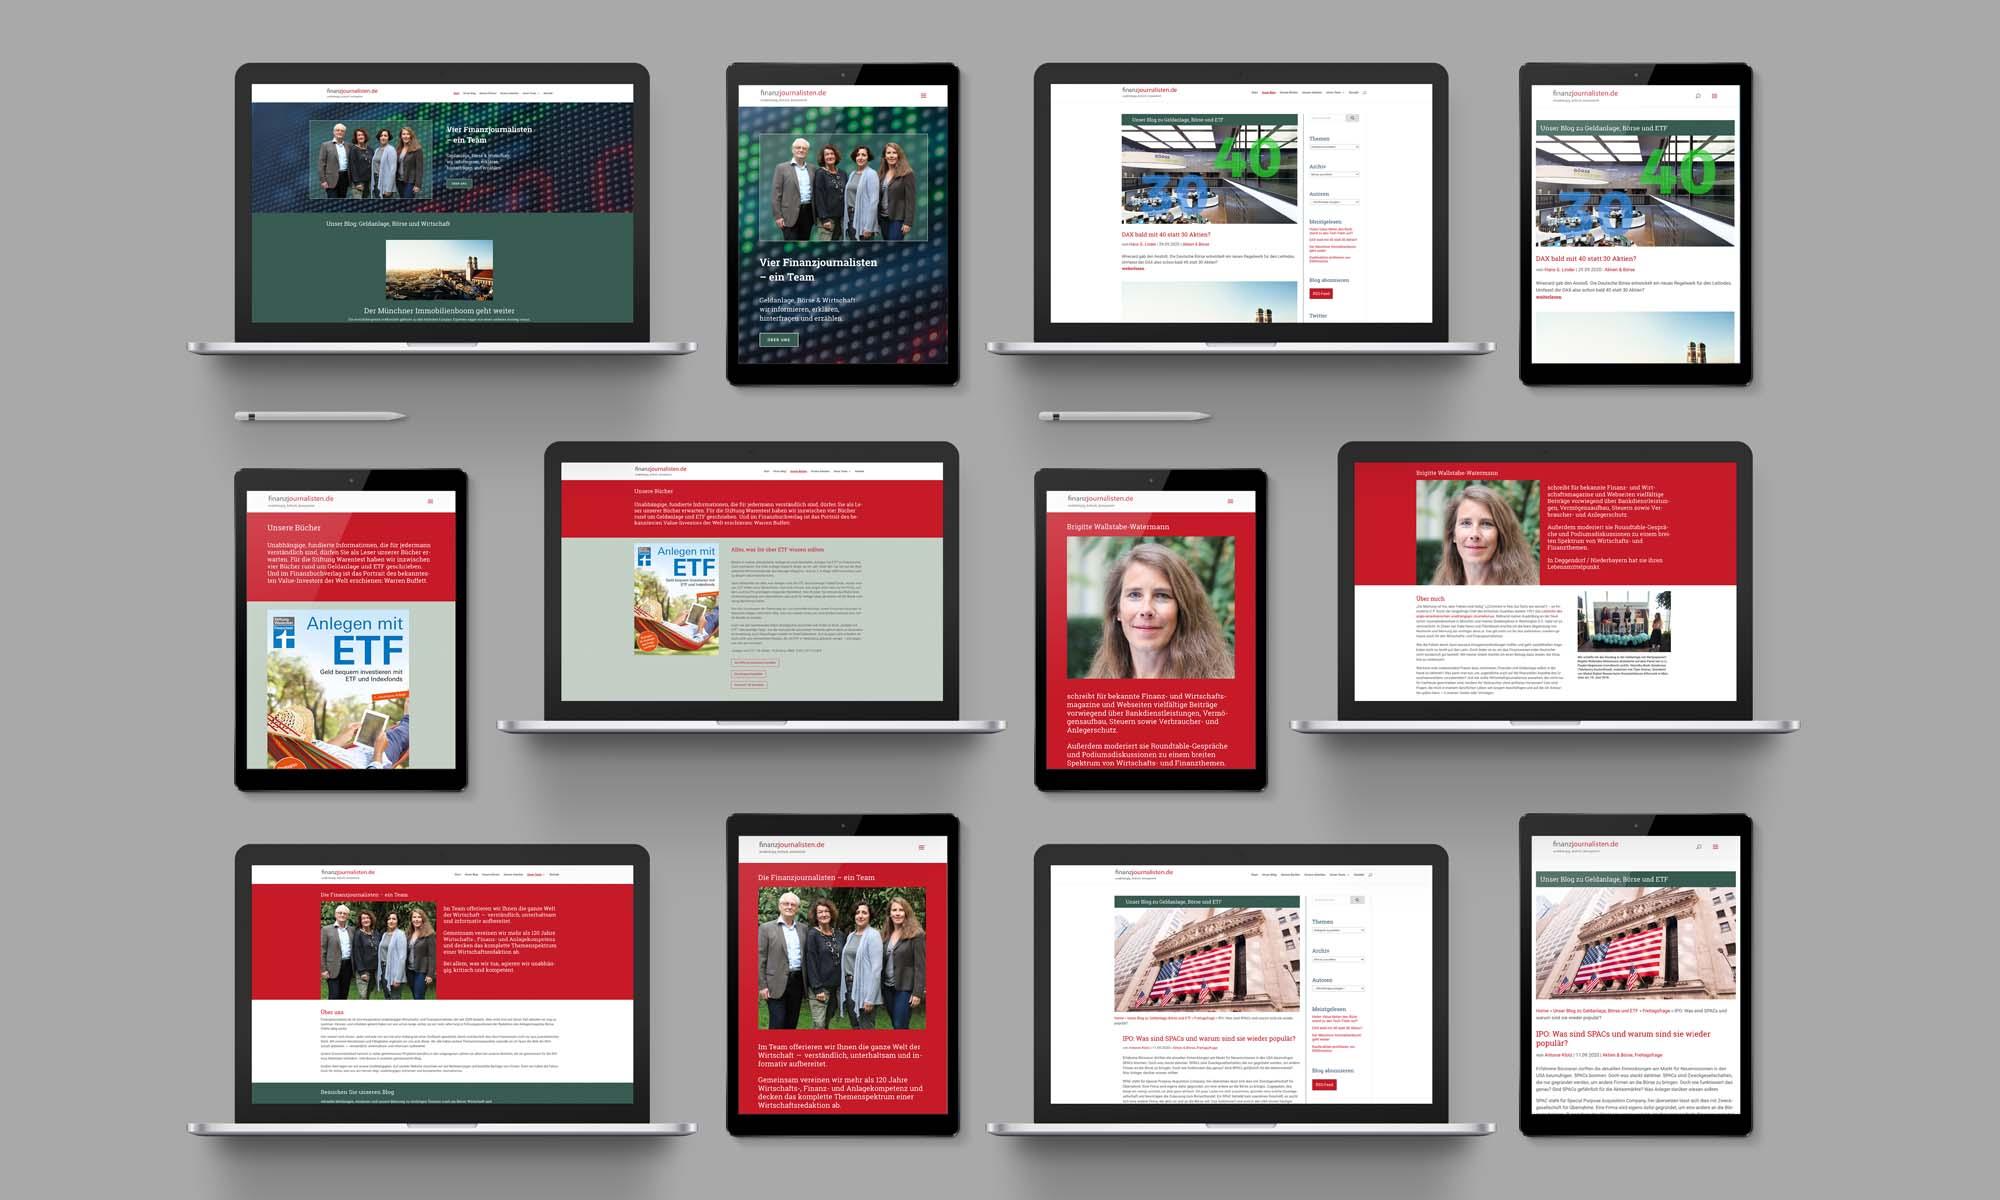 Auf Tablets präsentieren die finanzjournalisten ihre Webseite und ihren Blog